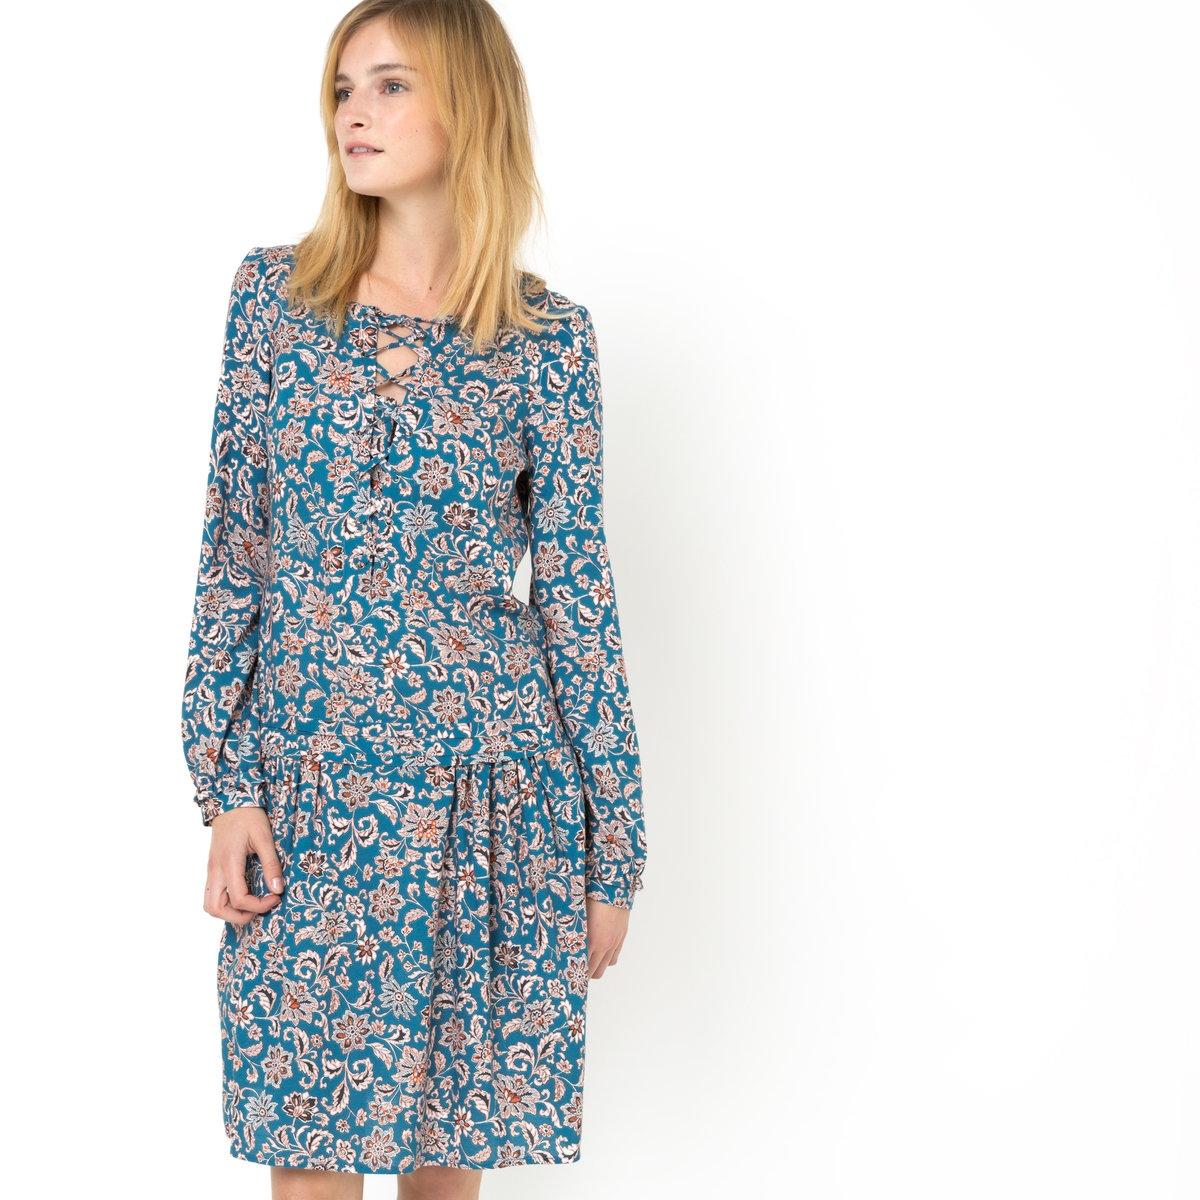 Платье с рисункомПлатье с рисунком, 100% вискозы. Квадратный вырез с V-образным разрезом на шнуровке. Длинные рукава и манжеты на резинке. Платье отрезное по талии. Заниженная линия талии со складками. Длина 95 см.<br><br>Цвет: набивной рисунок<br>Размер: 34 (FR) - 40 (RUS)